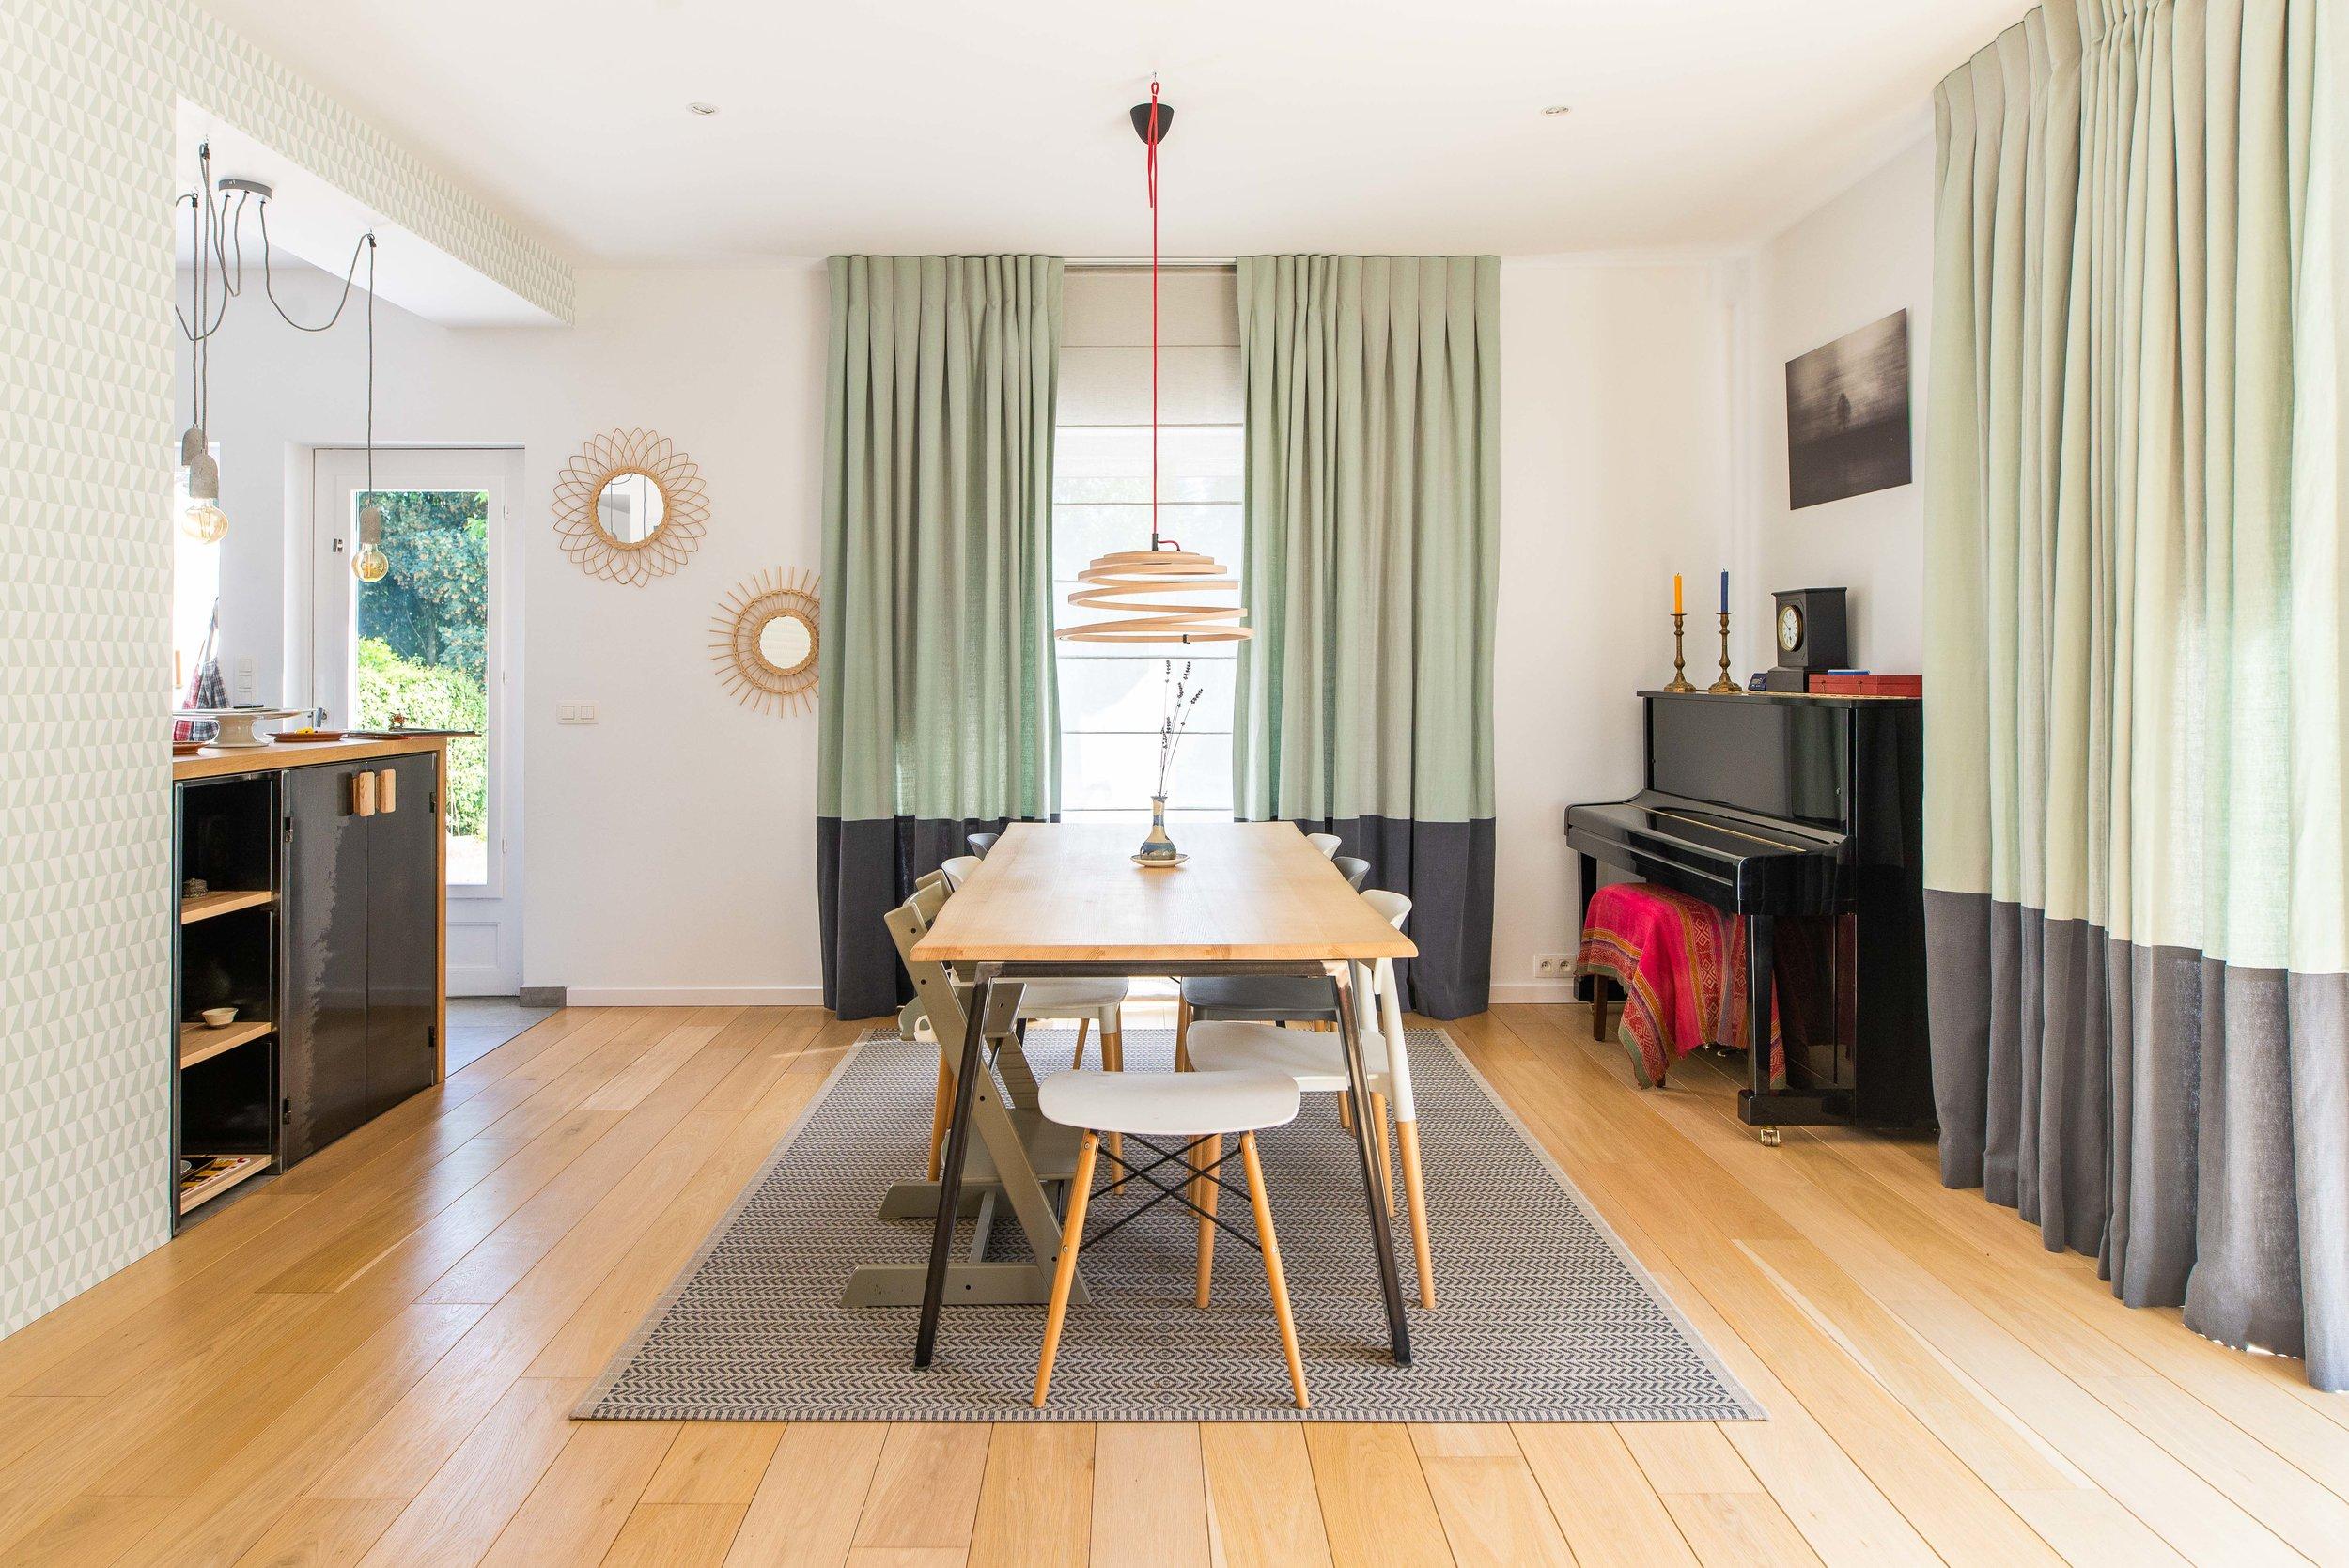 Maison familiale à Uccle - La demande était d'apporter de la chaleur par les matières, les tentures et papiers peints, le tout dans des tons doux et apaisants...